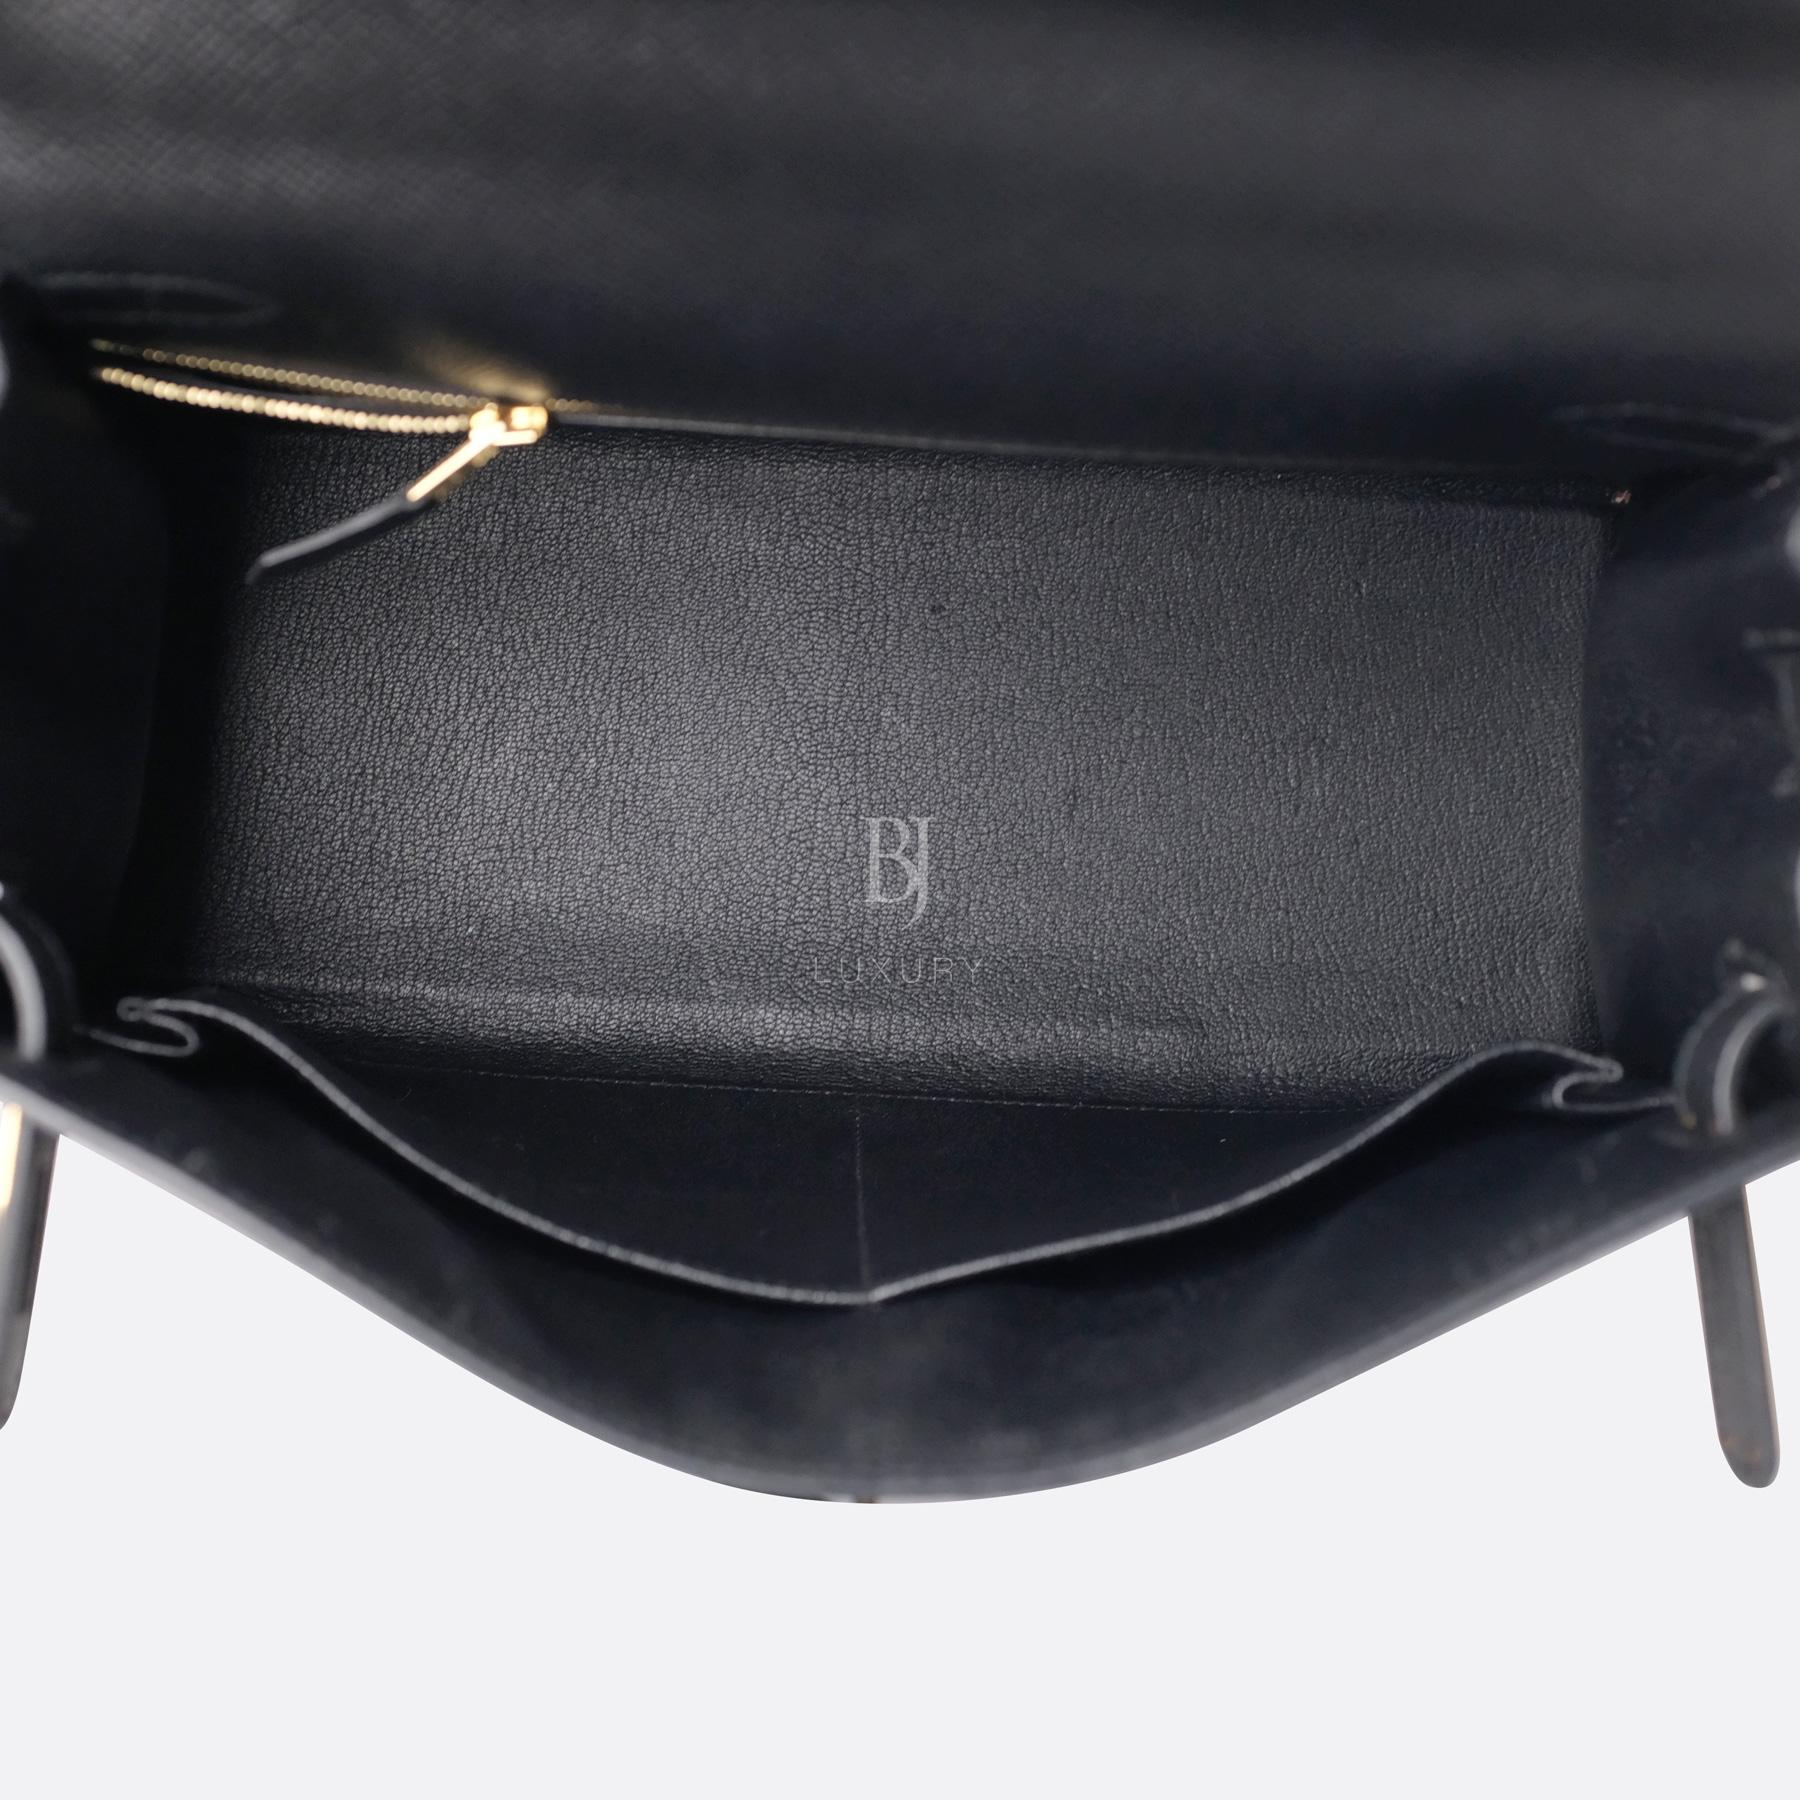 Hermes Kelly Sellier 28 Black Epsom Gold BJ Luxury 9.jpg